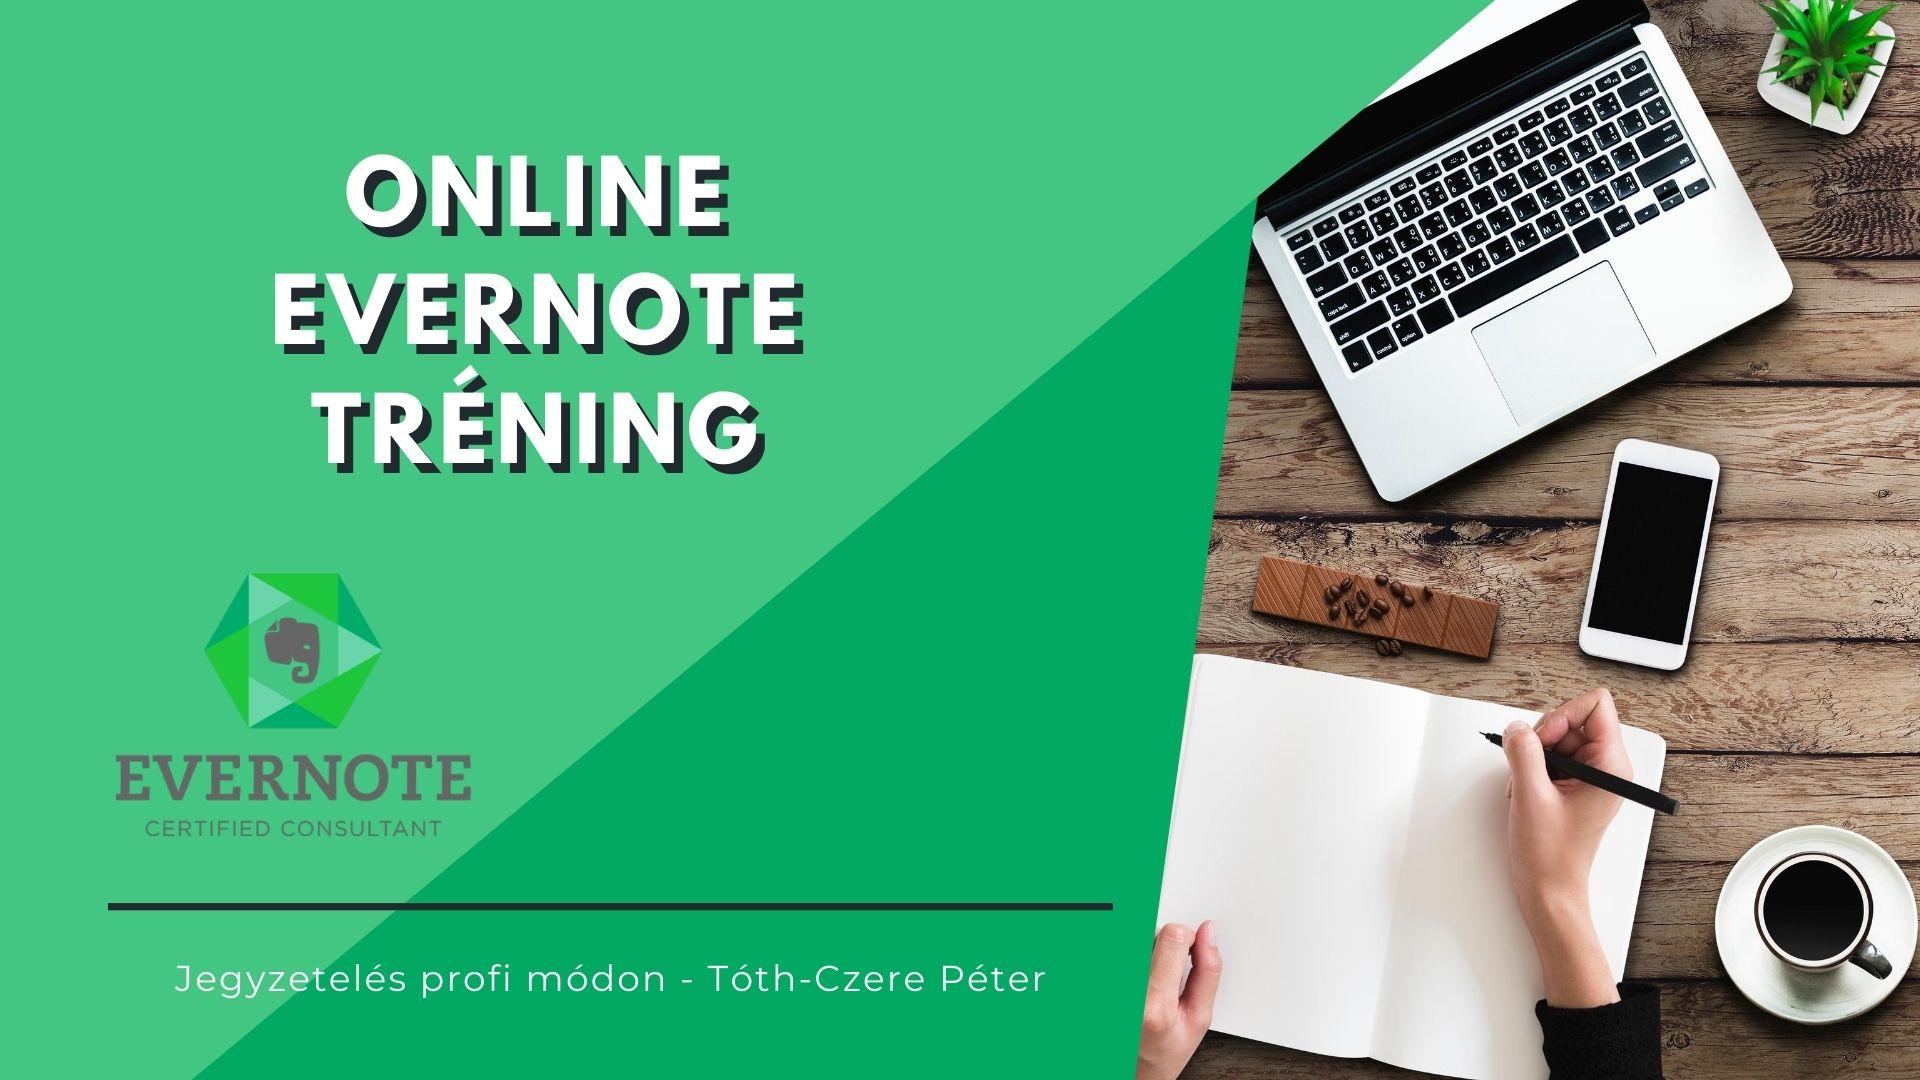 Evernote Online Tréning